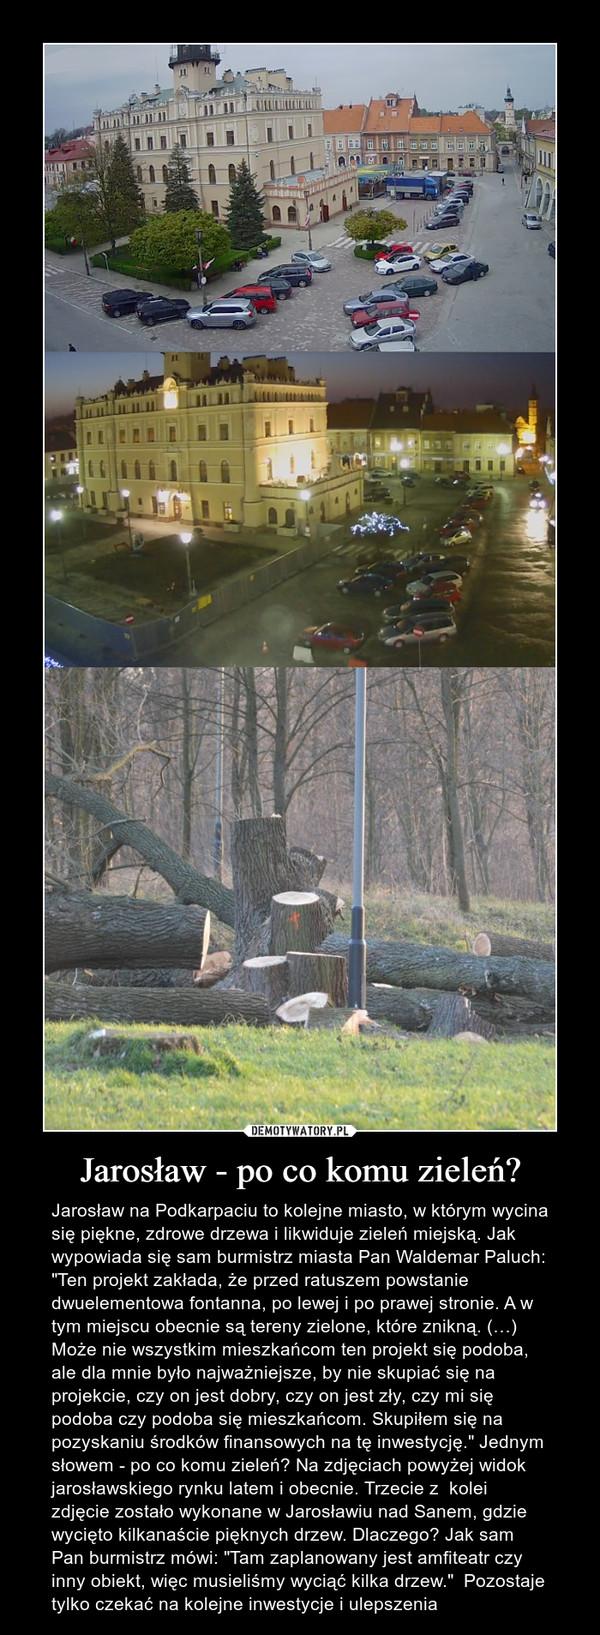 """Jarosław - po co komu zieleń? – Jarosław na Podkarpaciu to kolejne miasto, w którym wycina się piękne, zdrowe drzewa i likwiduje zieleń miejską. Jak wypowiada się sam burmistrz miasta Pan Waldemar Paluch: """"Ten projekt zakłada, że przed ratuszem powstanie dwuelementowa fontanna, po lewej i po prawej stronie. A w tym miejscu obecnie są tereny zielone, które znikną. (…) Może nie wszystkim mieszkańcom ten projekt się podoba, ale dla mnie było najważniejsze, by nie skupiać się na projekcie, czy on jest dobry, czy on jest zły, czy mi się podoba czy podoba się mieszkańcom. Skupiłem się na pozyskaniu środków finansowych na tę inwestycję."""" Jednym słowem - po co komu zieleń? Na zdjęciach powyżej widok jarosławskiego rynku latem i obecnie. Trzecie z  kolei zdjęcie zostało wykonane w Jarosławiu nad Sanem, gdzie  wycięto kilkanaście pięknych drzew. Dlaczego? Jak sam Pan burmistrz mówi: """"Tam zaplanowany jest amfiteatr czy inny obiekt, więc musieliśmy wyciąć kilka drzew.""""  Pozostaje tylko czekać na kolejne inwestycje i ulepszenia"""